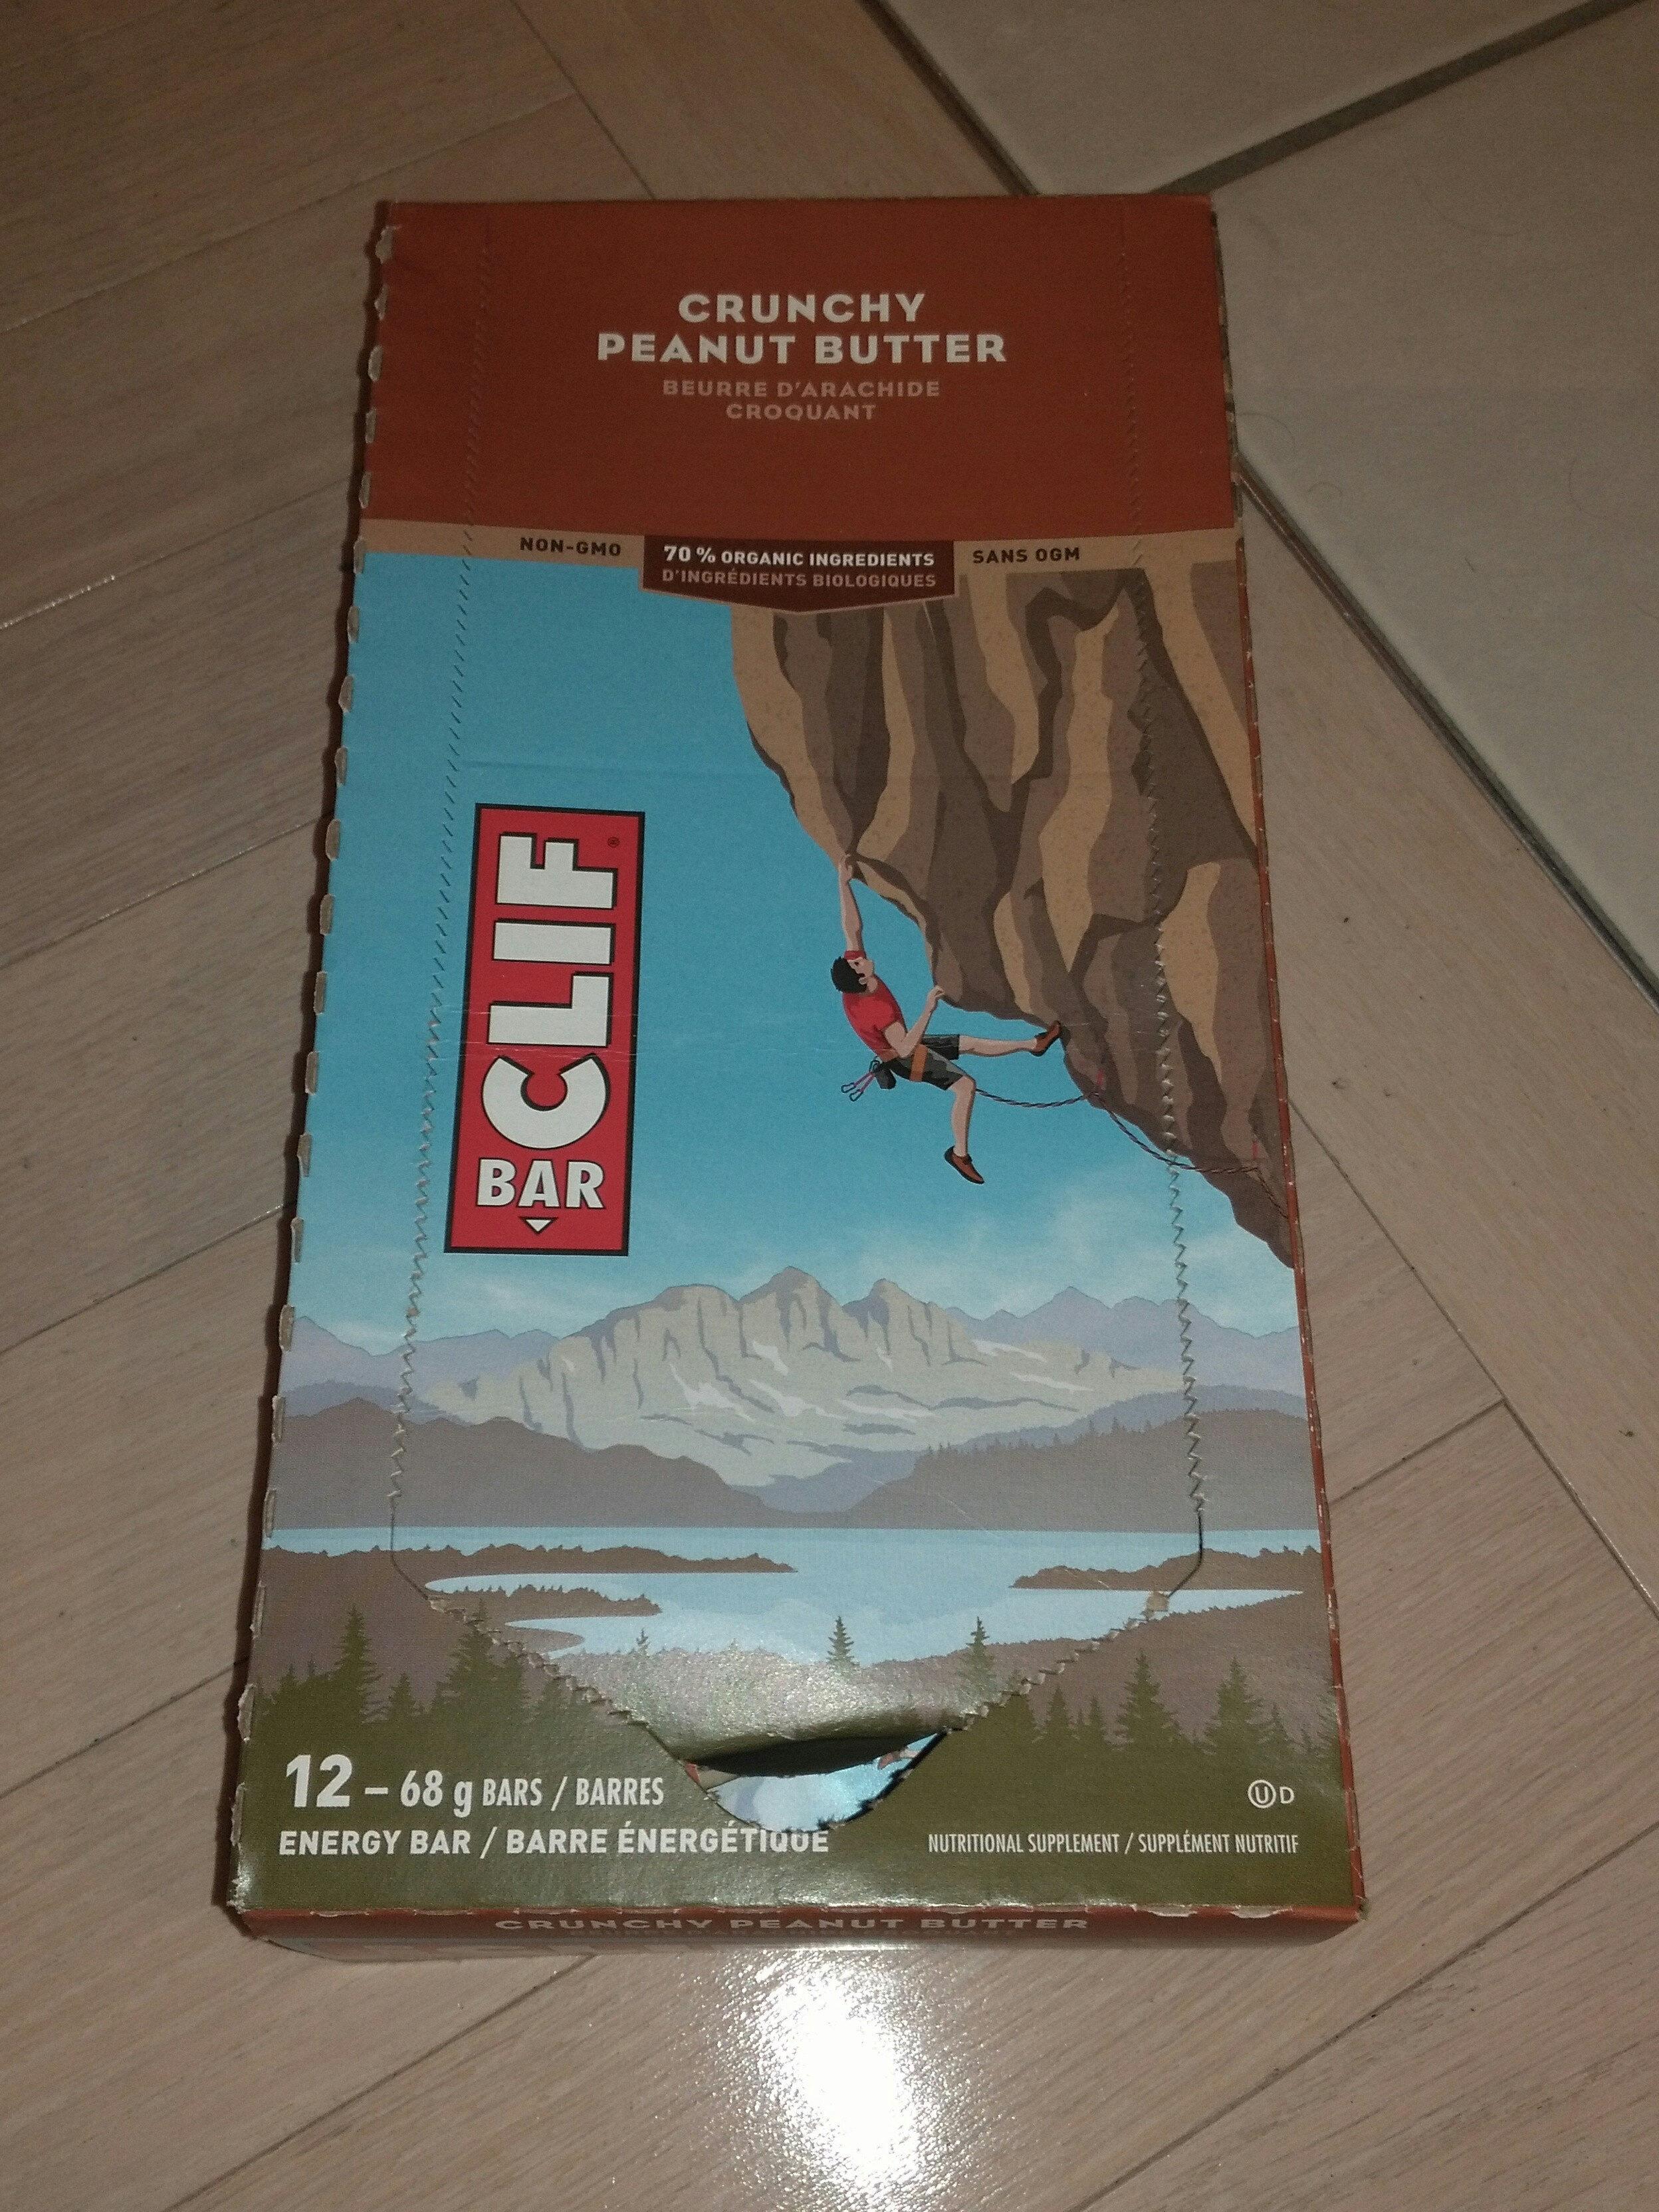 Bar clif crunchy peanut butter - Product - en